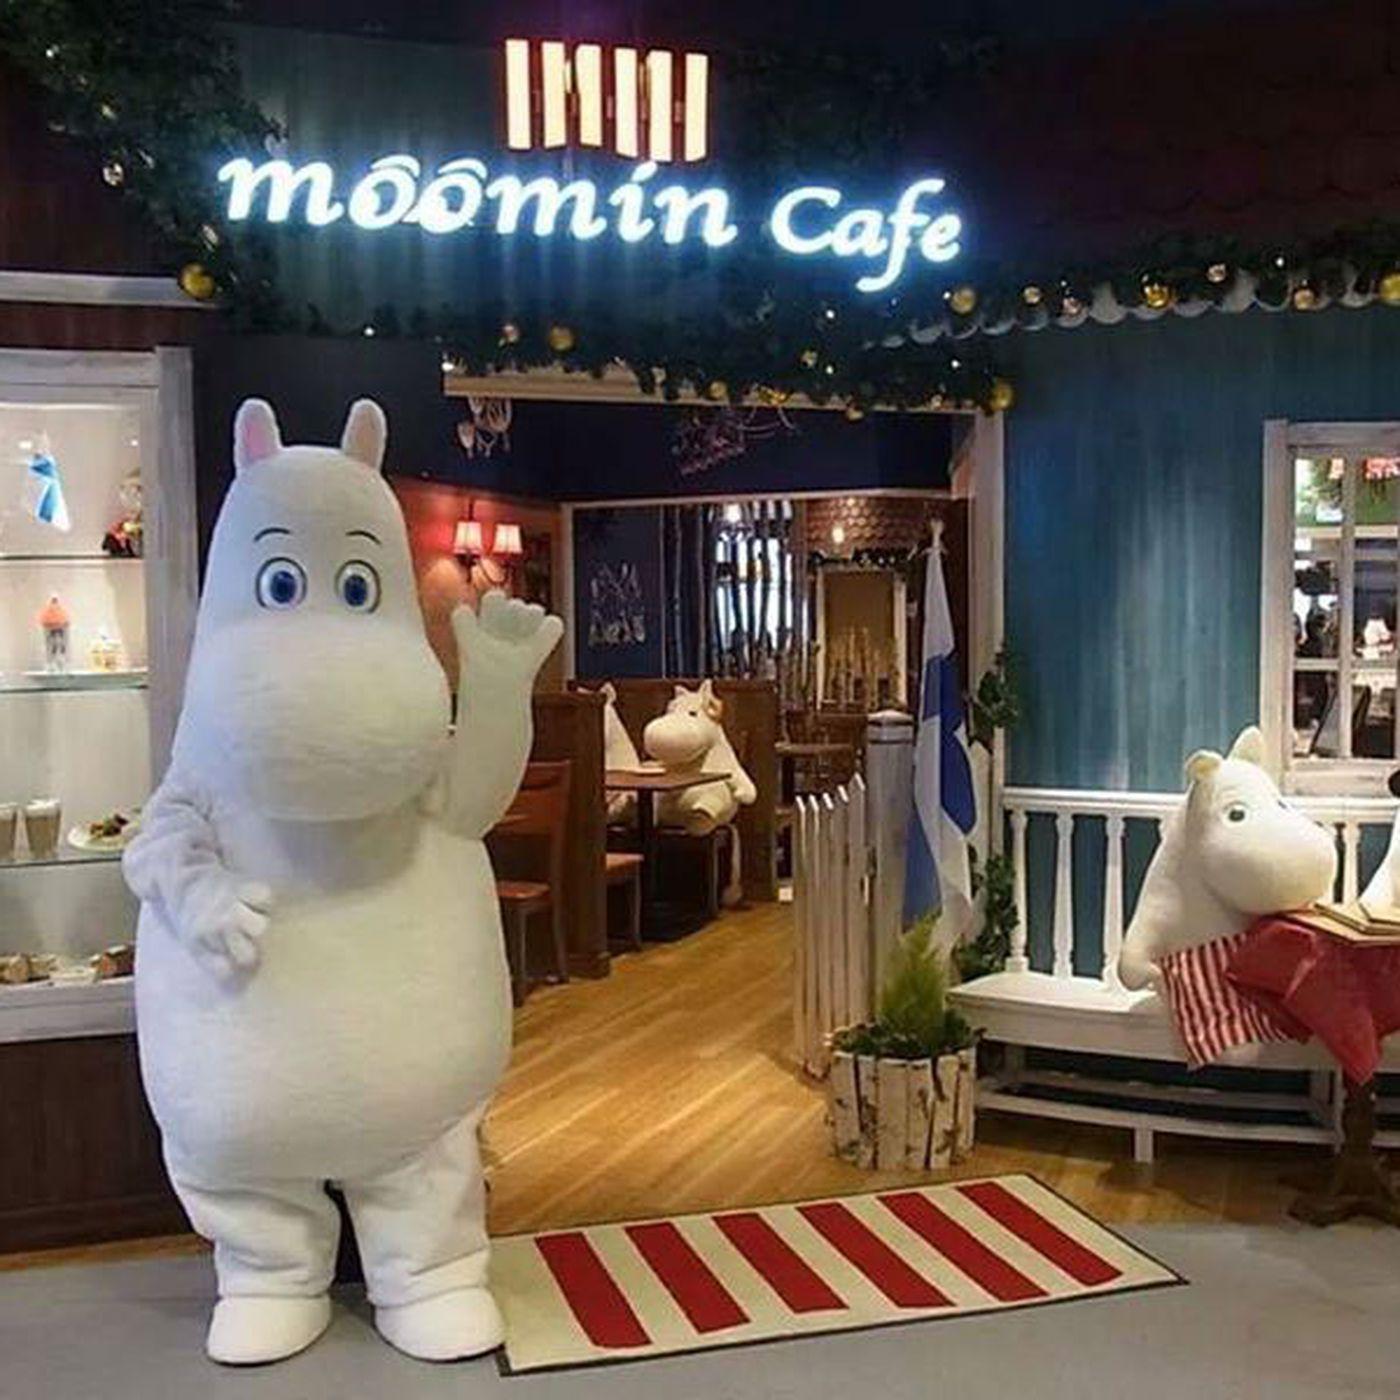 Japonya'da Yalnız Yemek Yiyen İnsanlar İçin Açılan Moomin Cafe   Moomin Cafenin Girişi